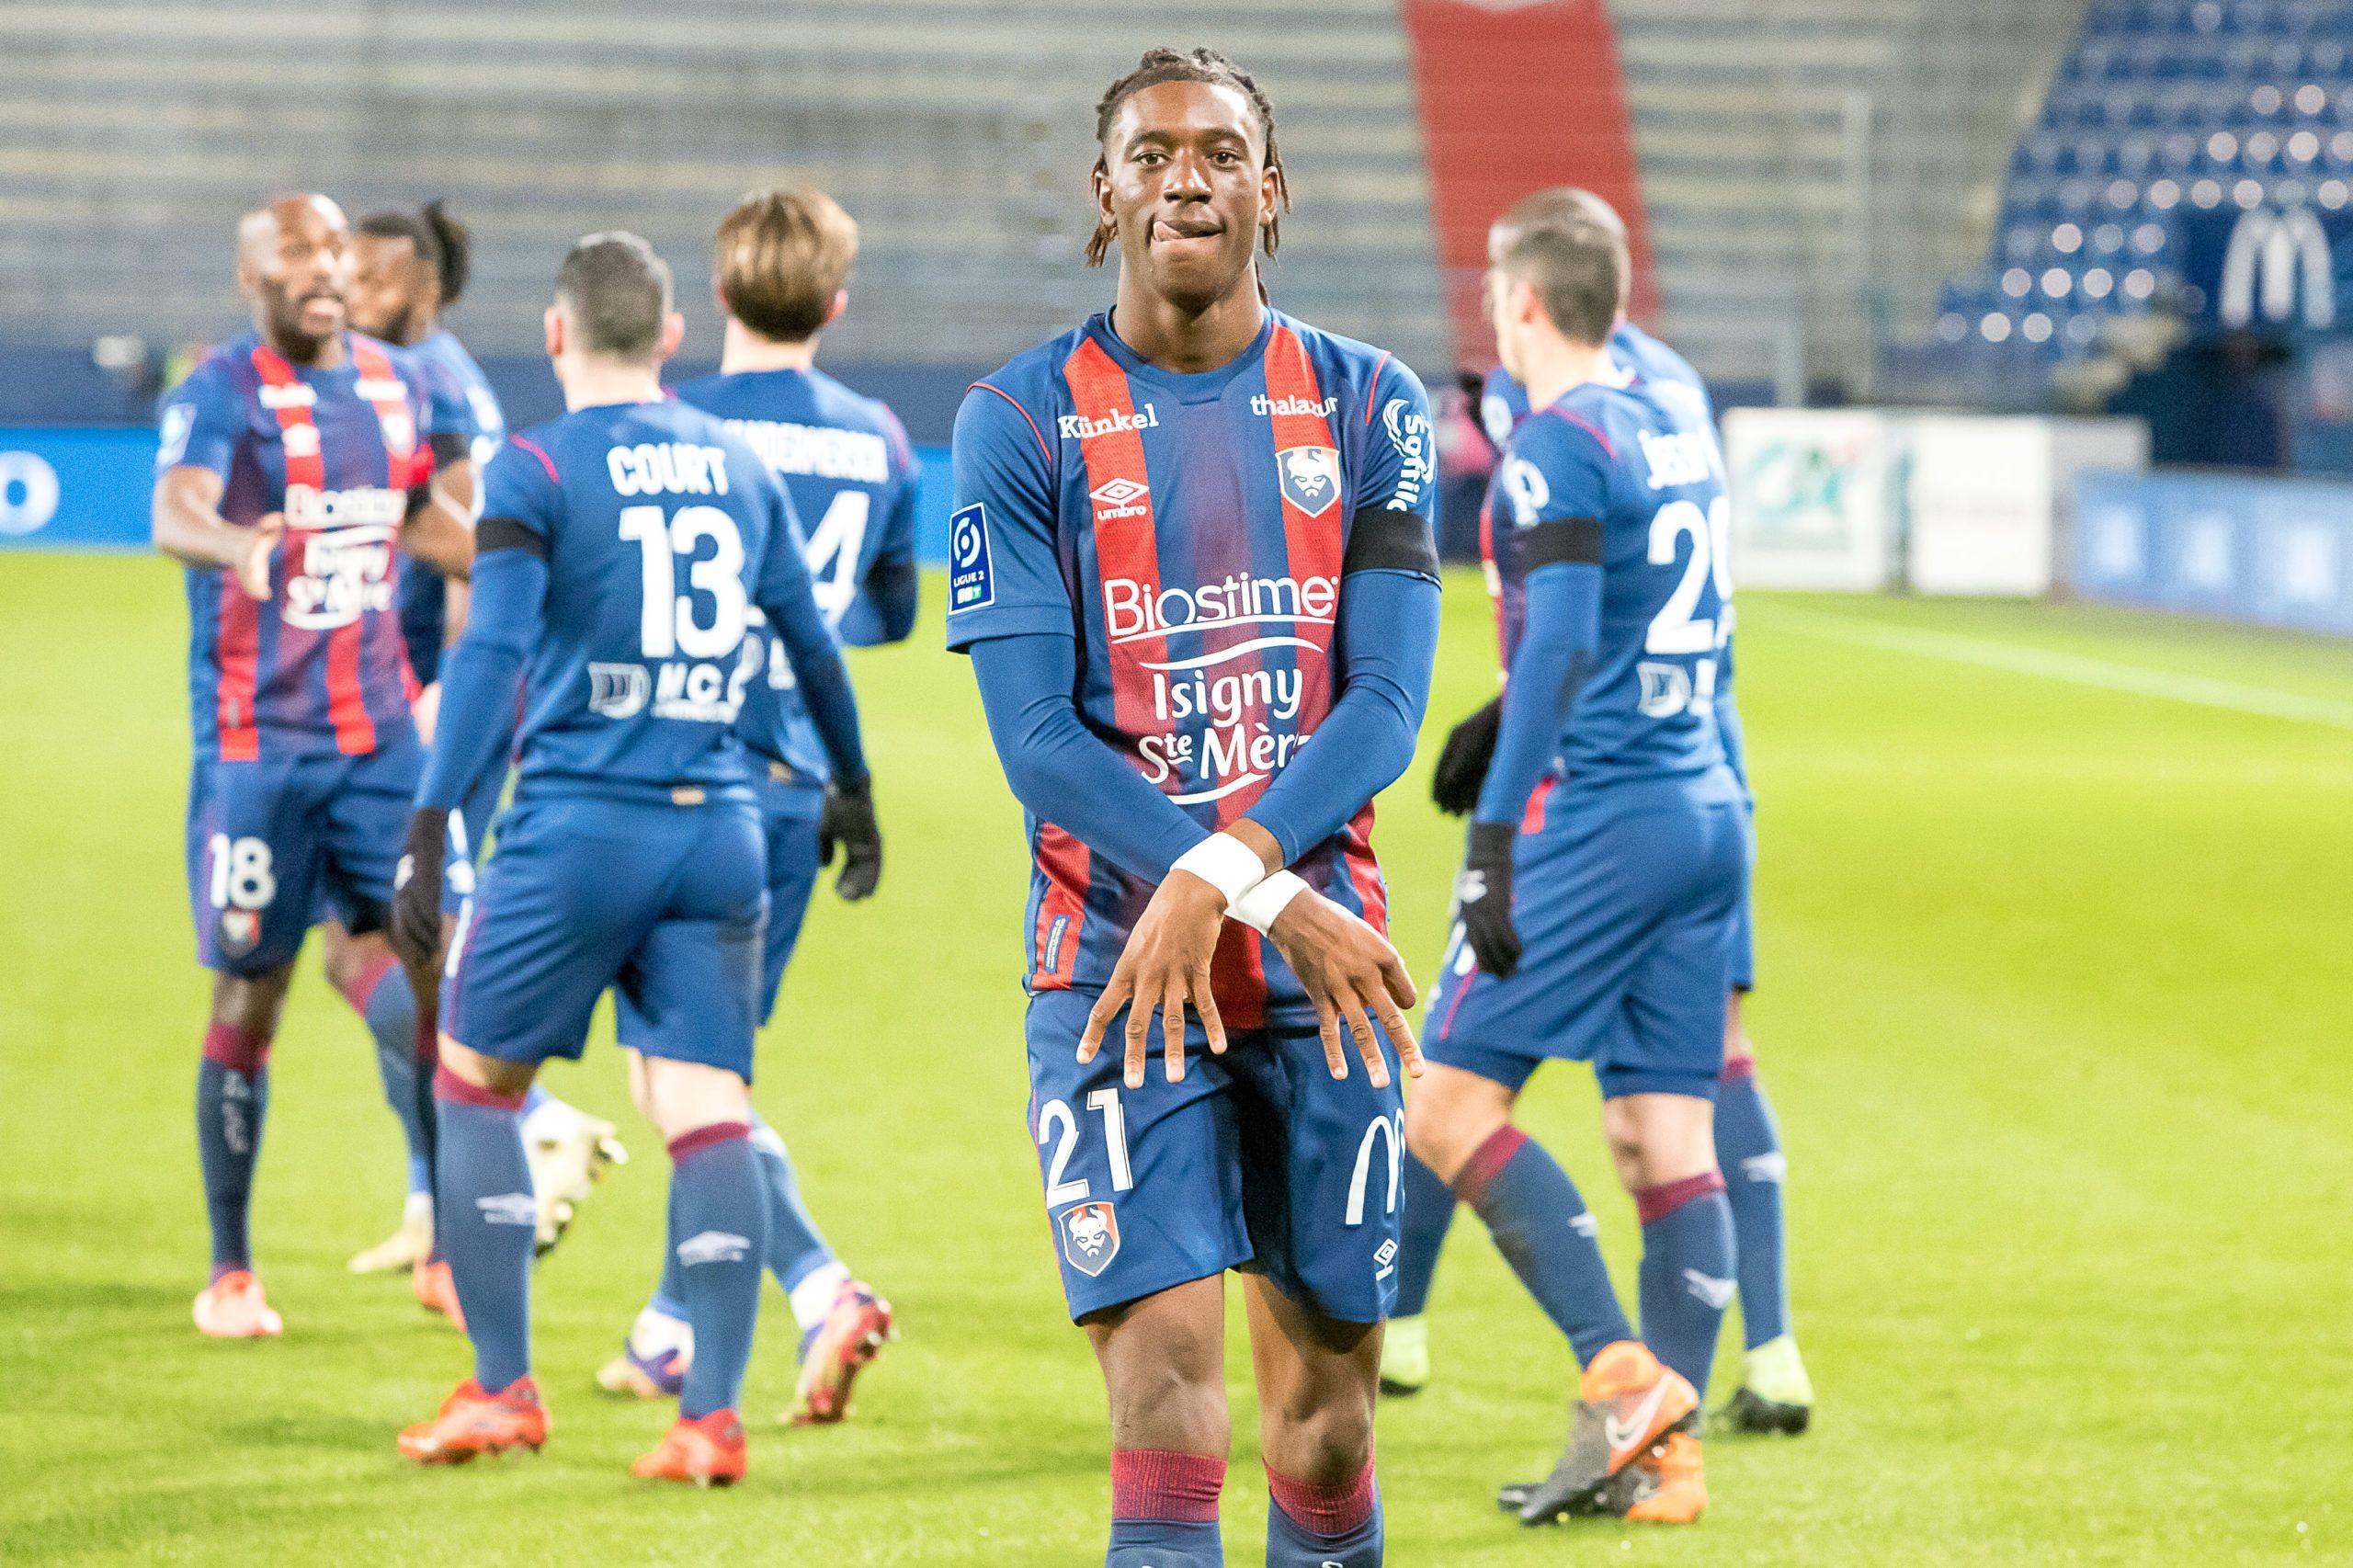 Les notes des joueurs caennais face à Toulouse (2-2)